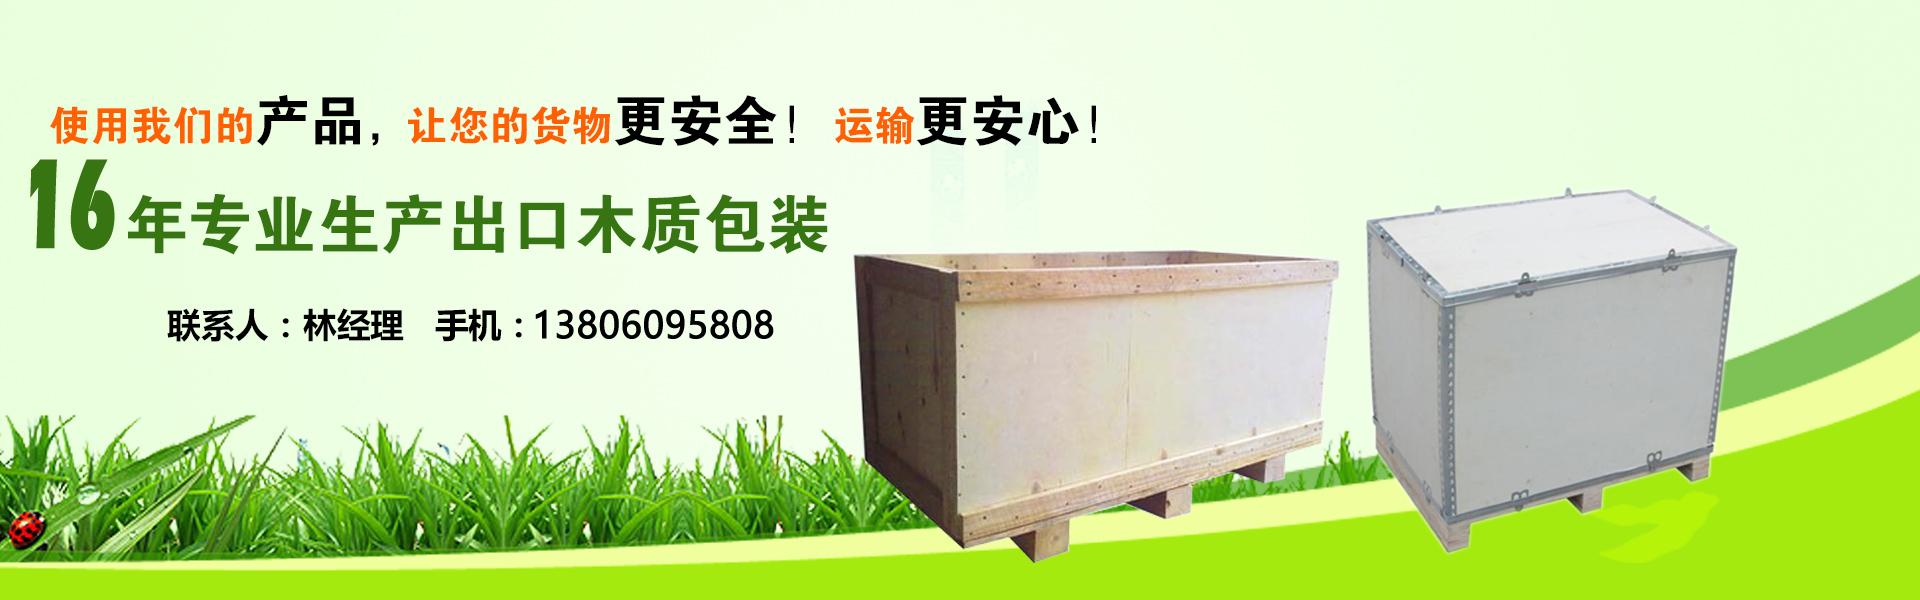 木质包装箱、木制包装箱、钢边箱、木箱